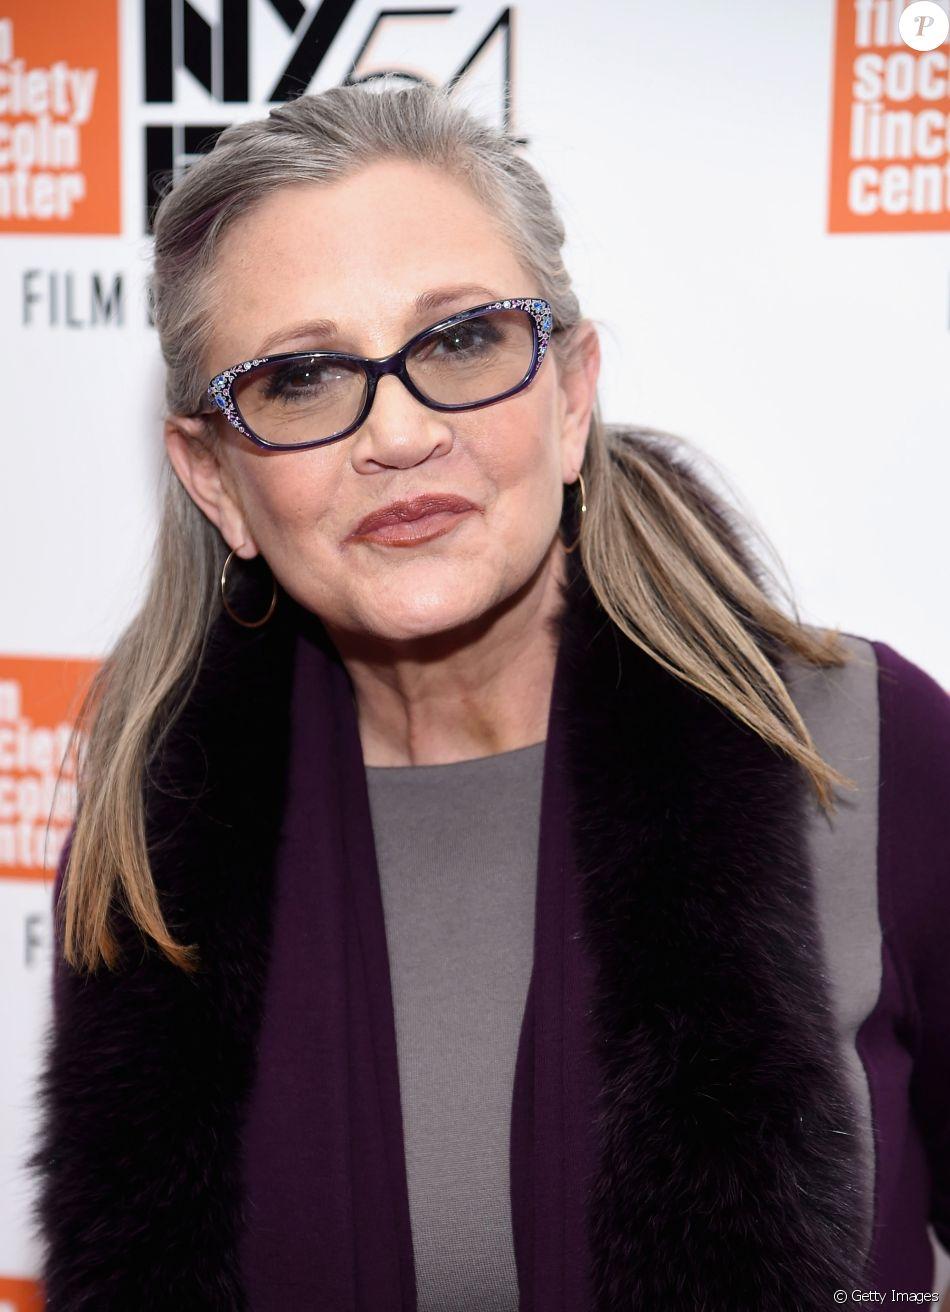 A atriz Carrie Fischer, da saga 'Star Wars', sofreu um ataque cardíaco e morreu no dia 27 de dezembro de 2016